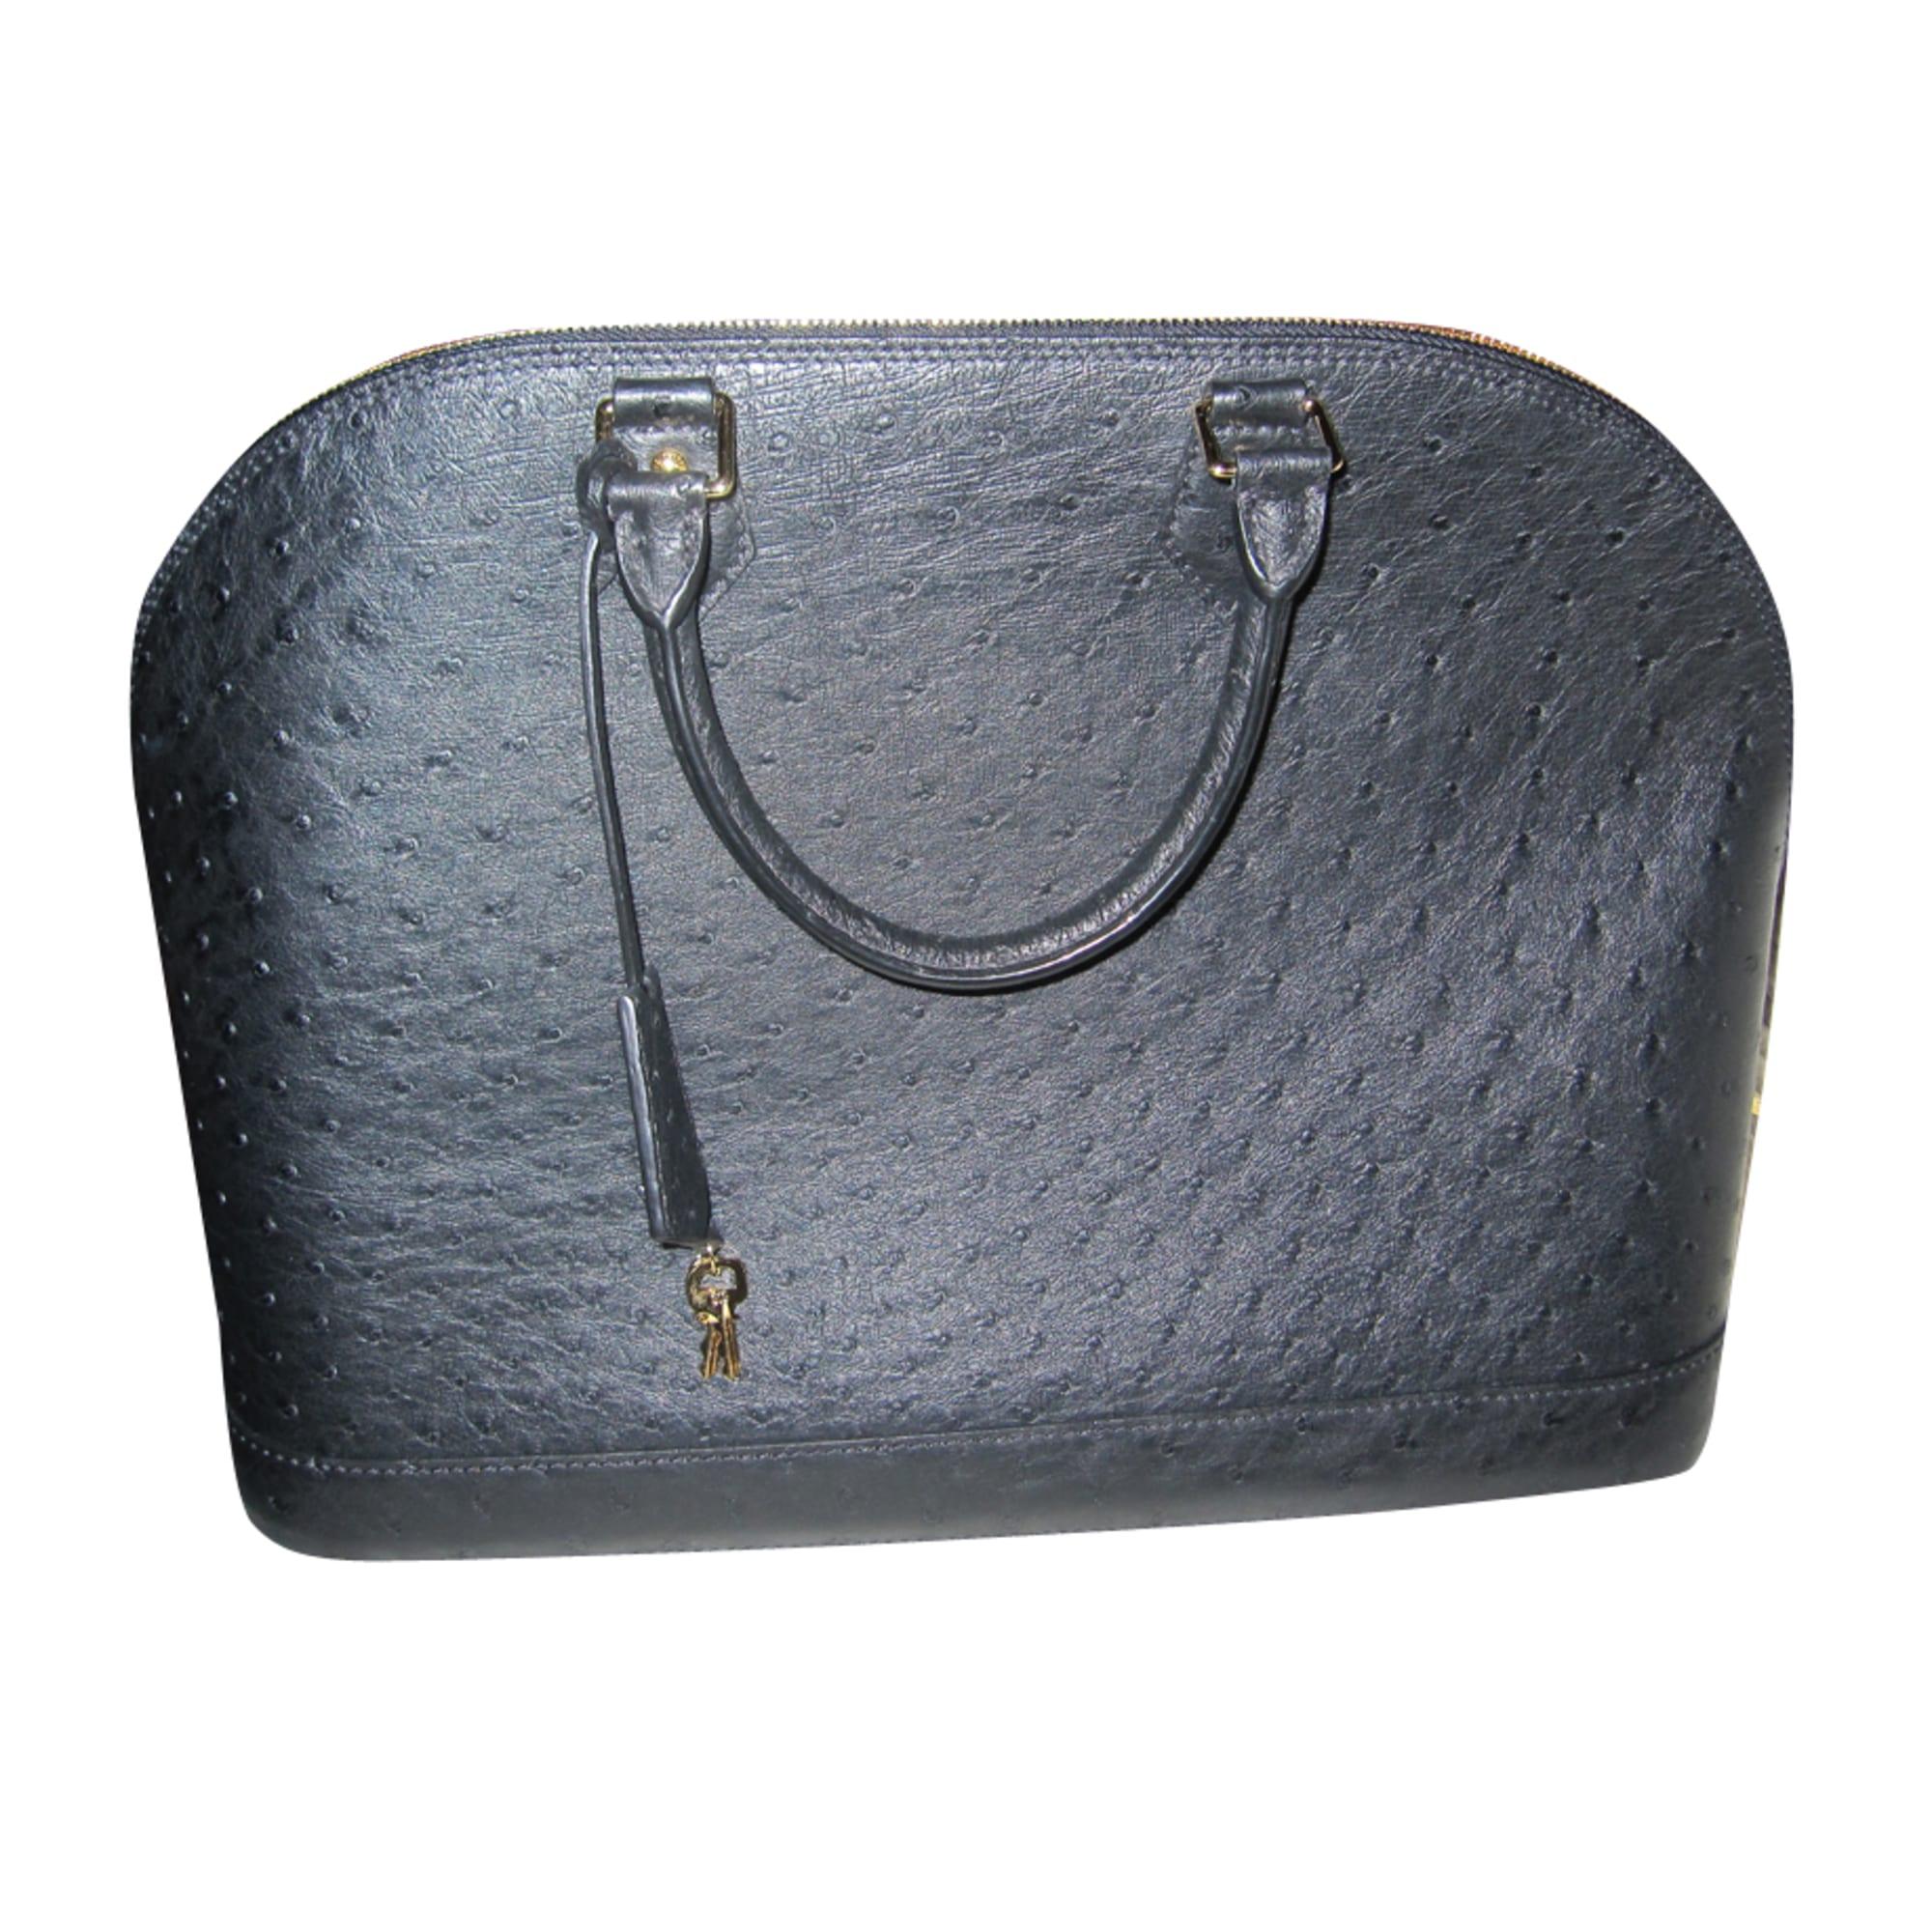 7ec031c9cccd Sac à main en cuir LOUIS VUITTON noir vendu par Shopname70470 - 1141068